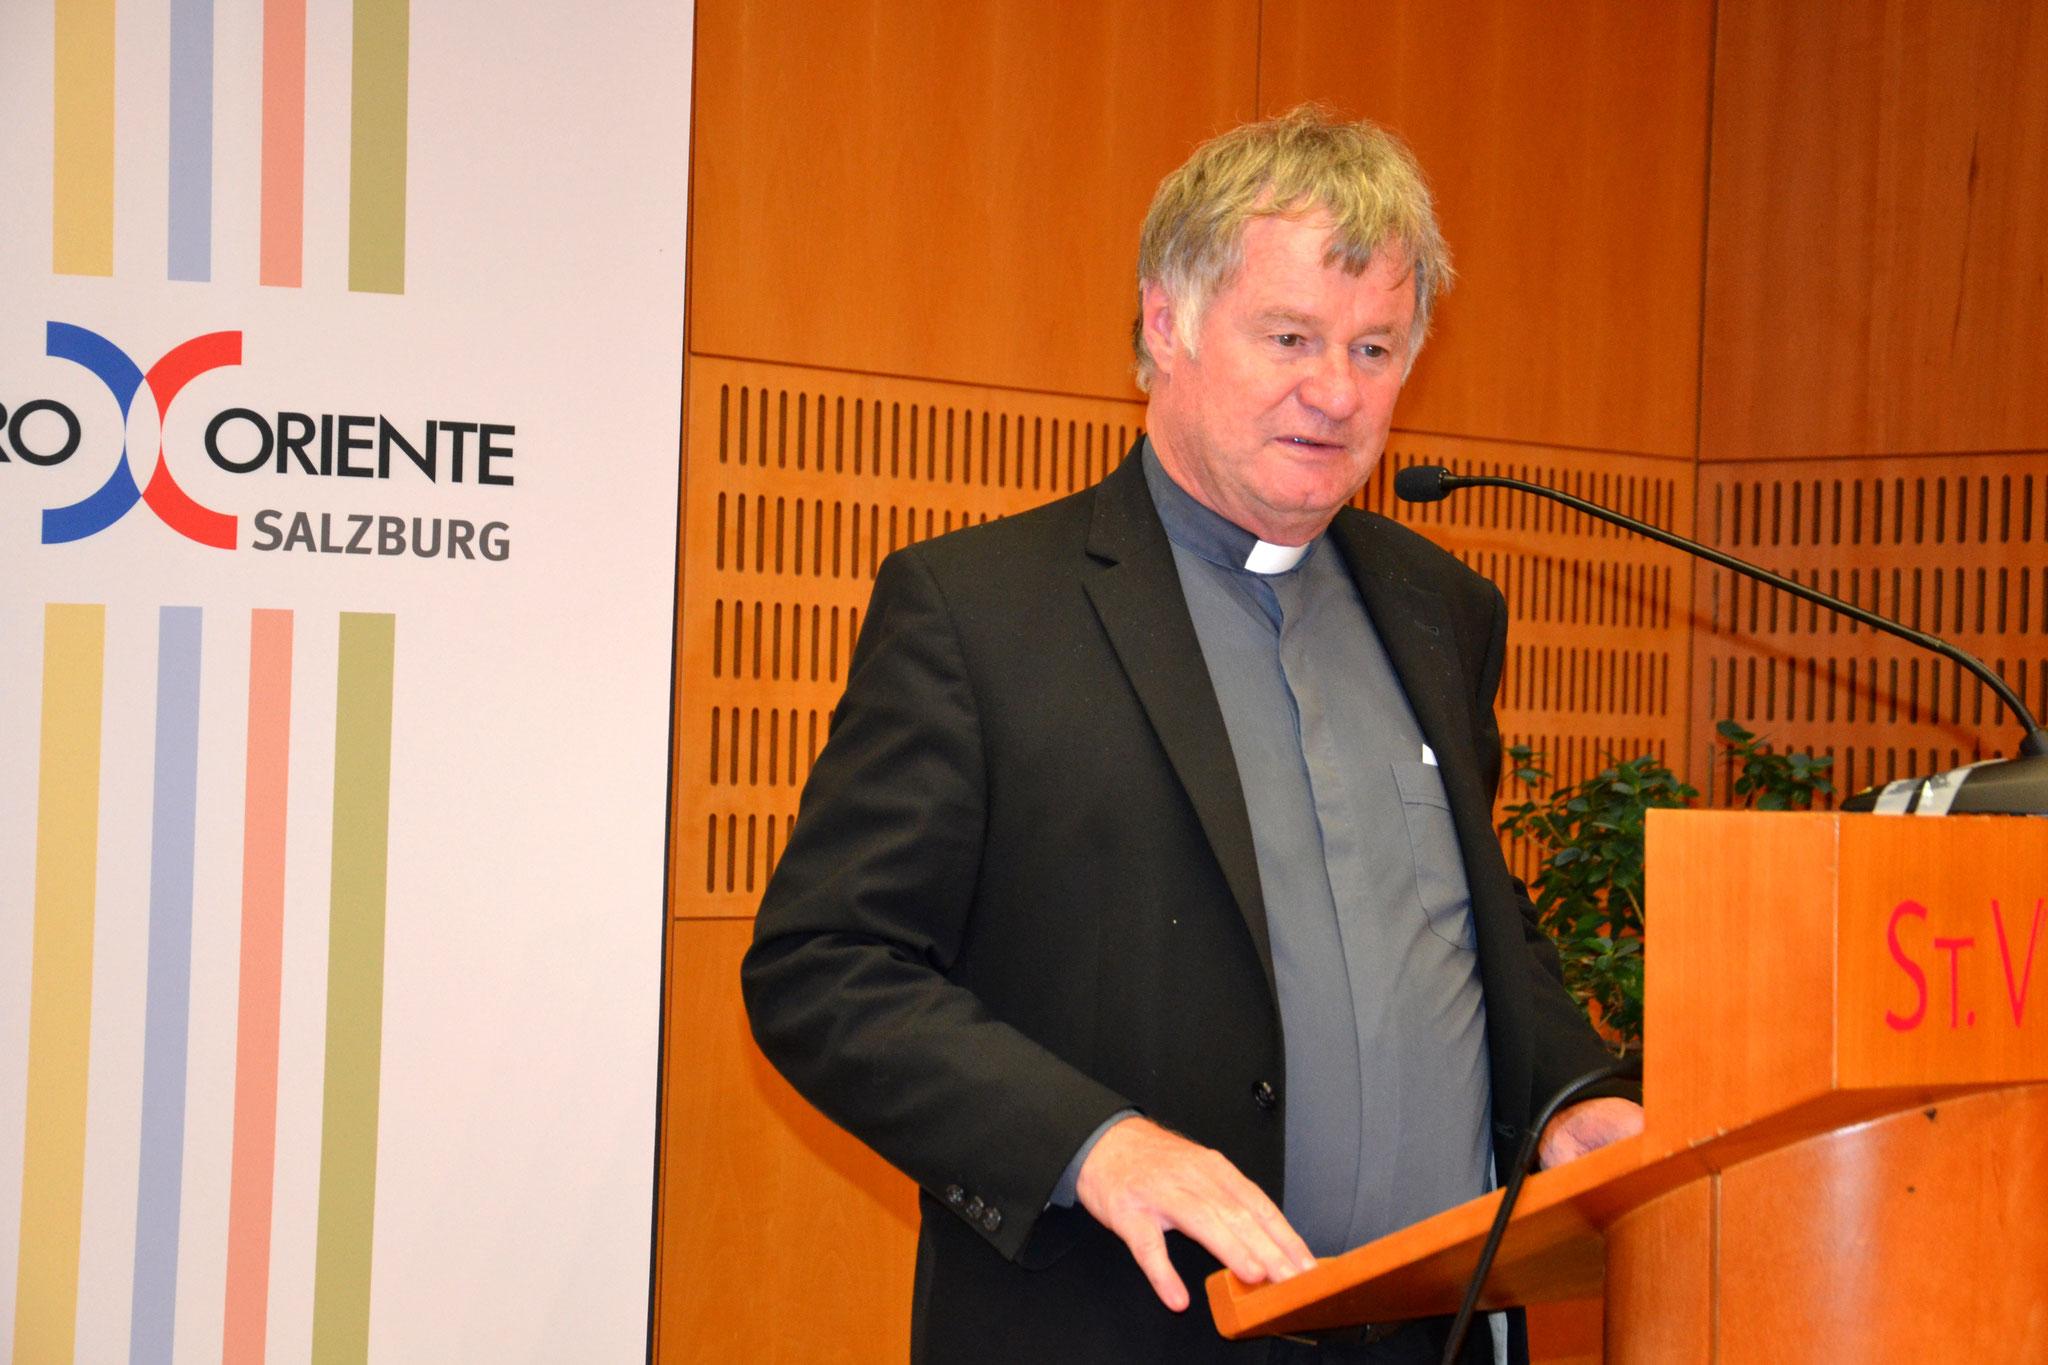 Den Abendvortrag hielt der Linzer Bischof Manfred Scheuer. Er referierte über Migration und Integration aus Sicht der Kirche in Österreich.